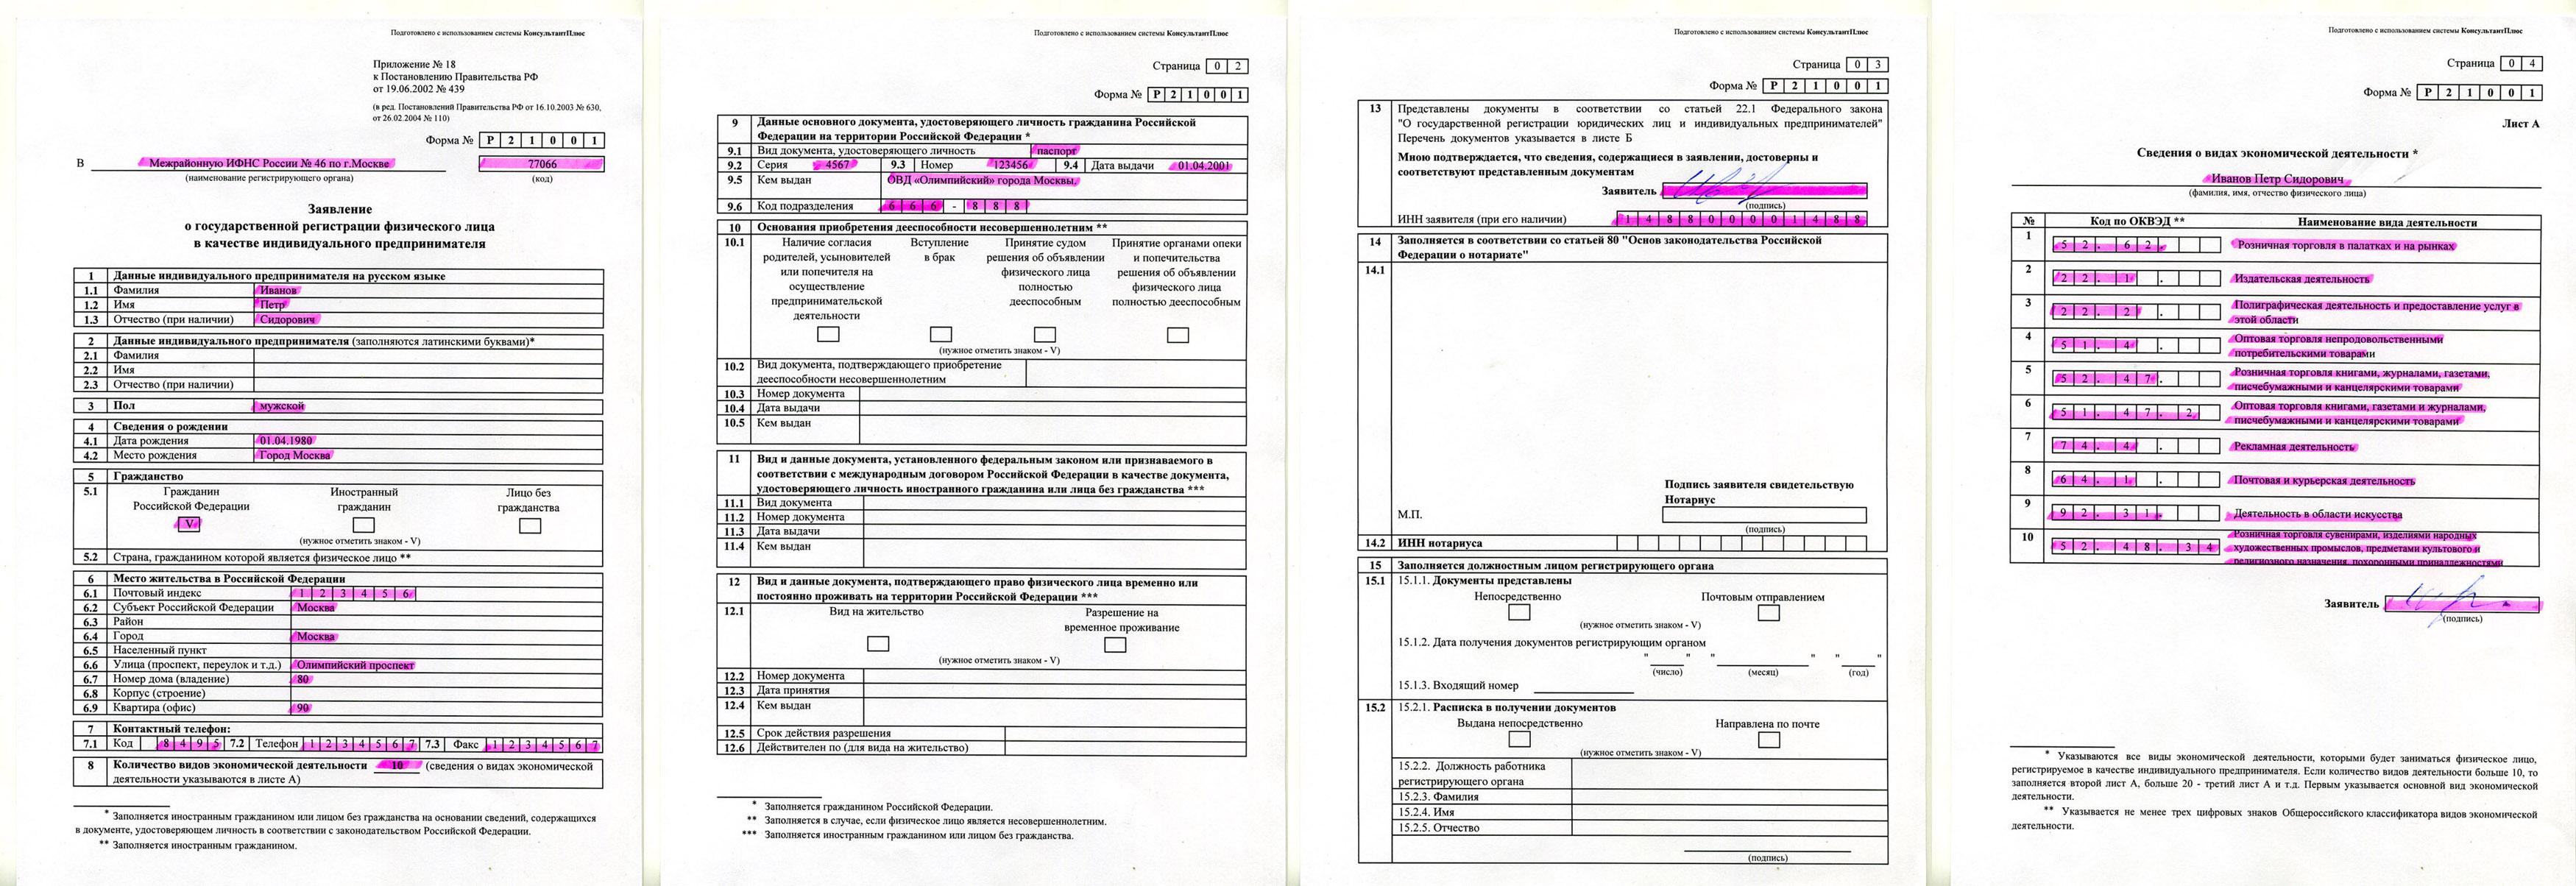 Форум о регистрации ип как заполнить заявления для регистрации ип в екатеринбурге